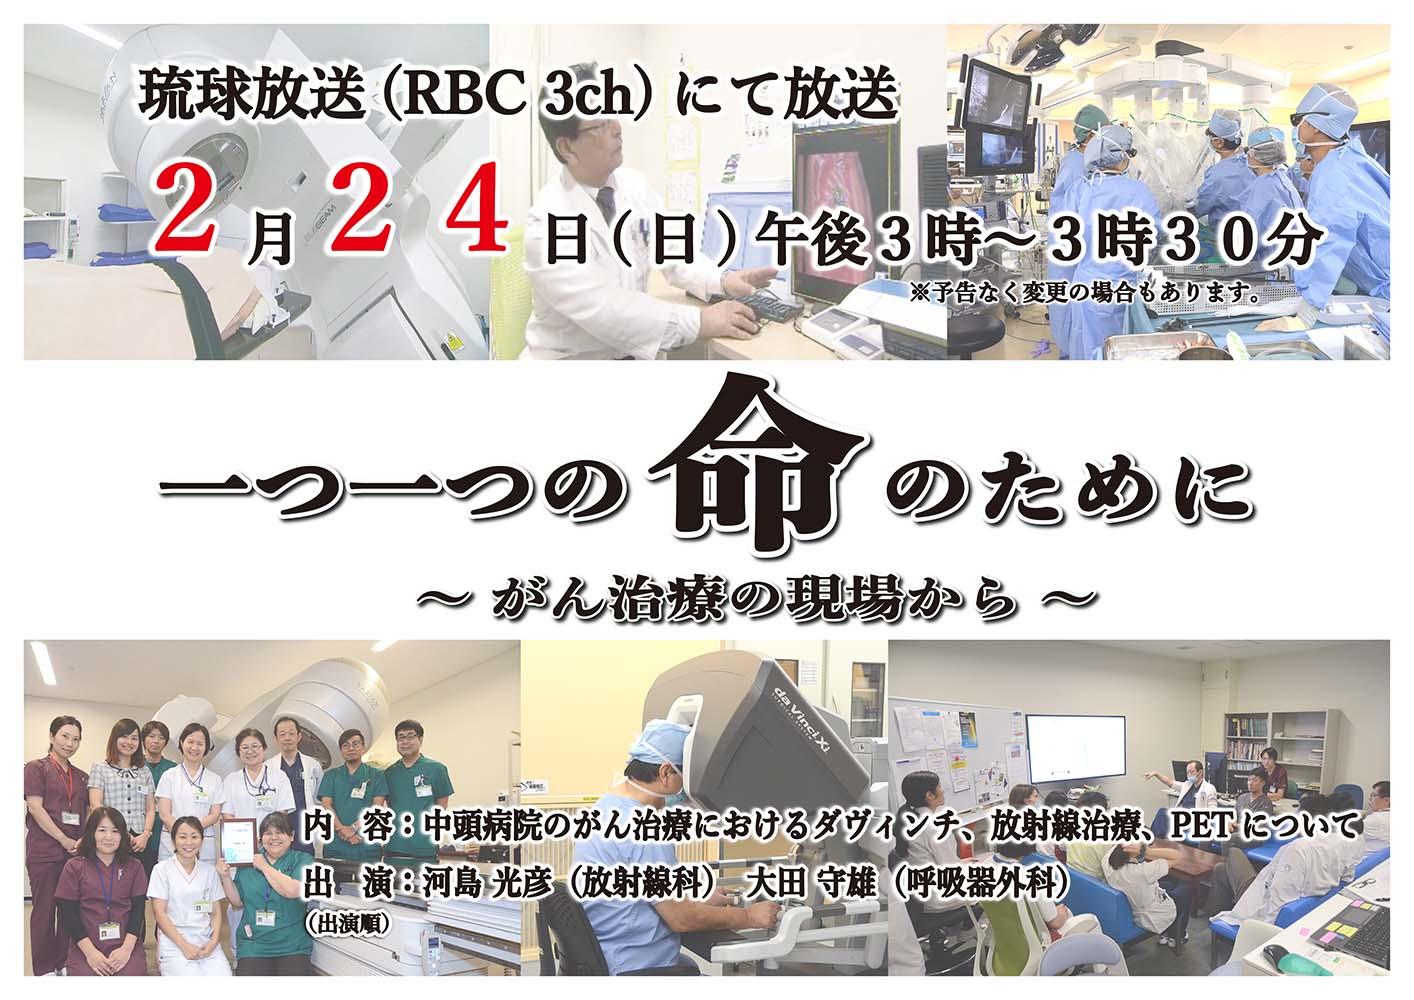 テレビ番組「一つ一つの命のために〜がん治療の現場から〜」